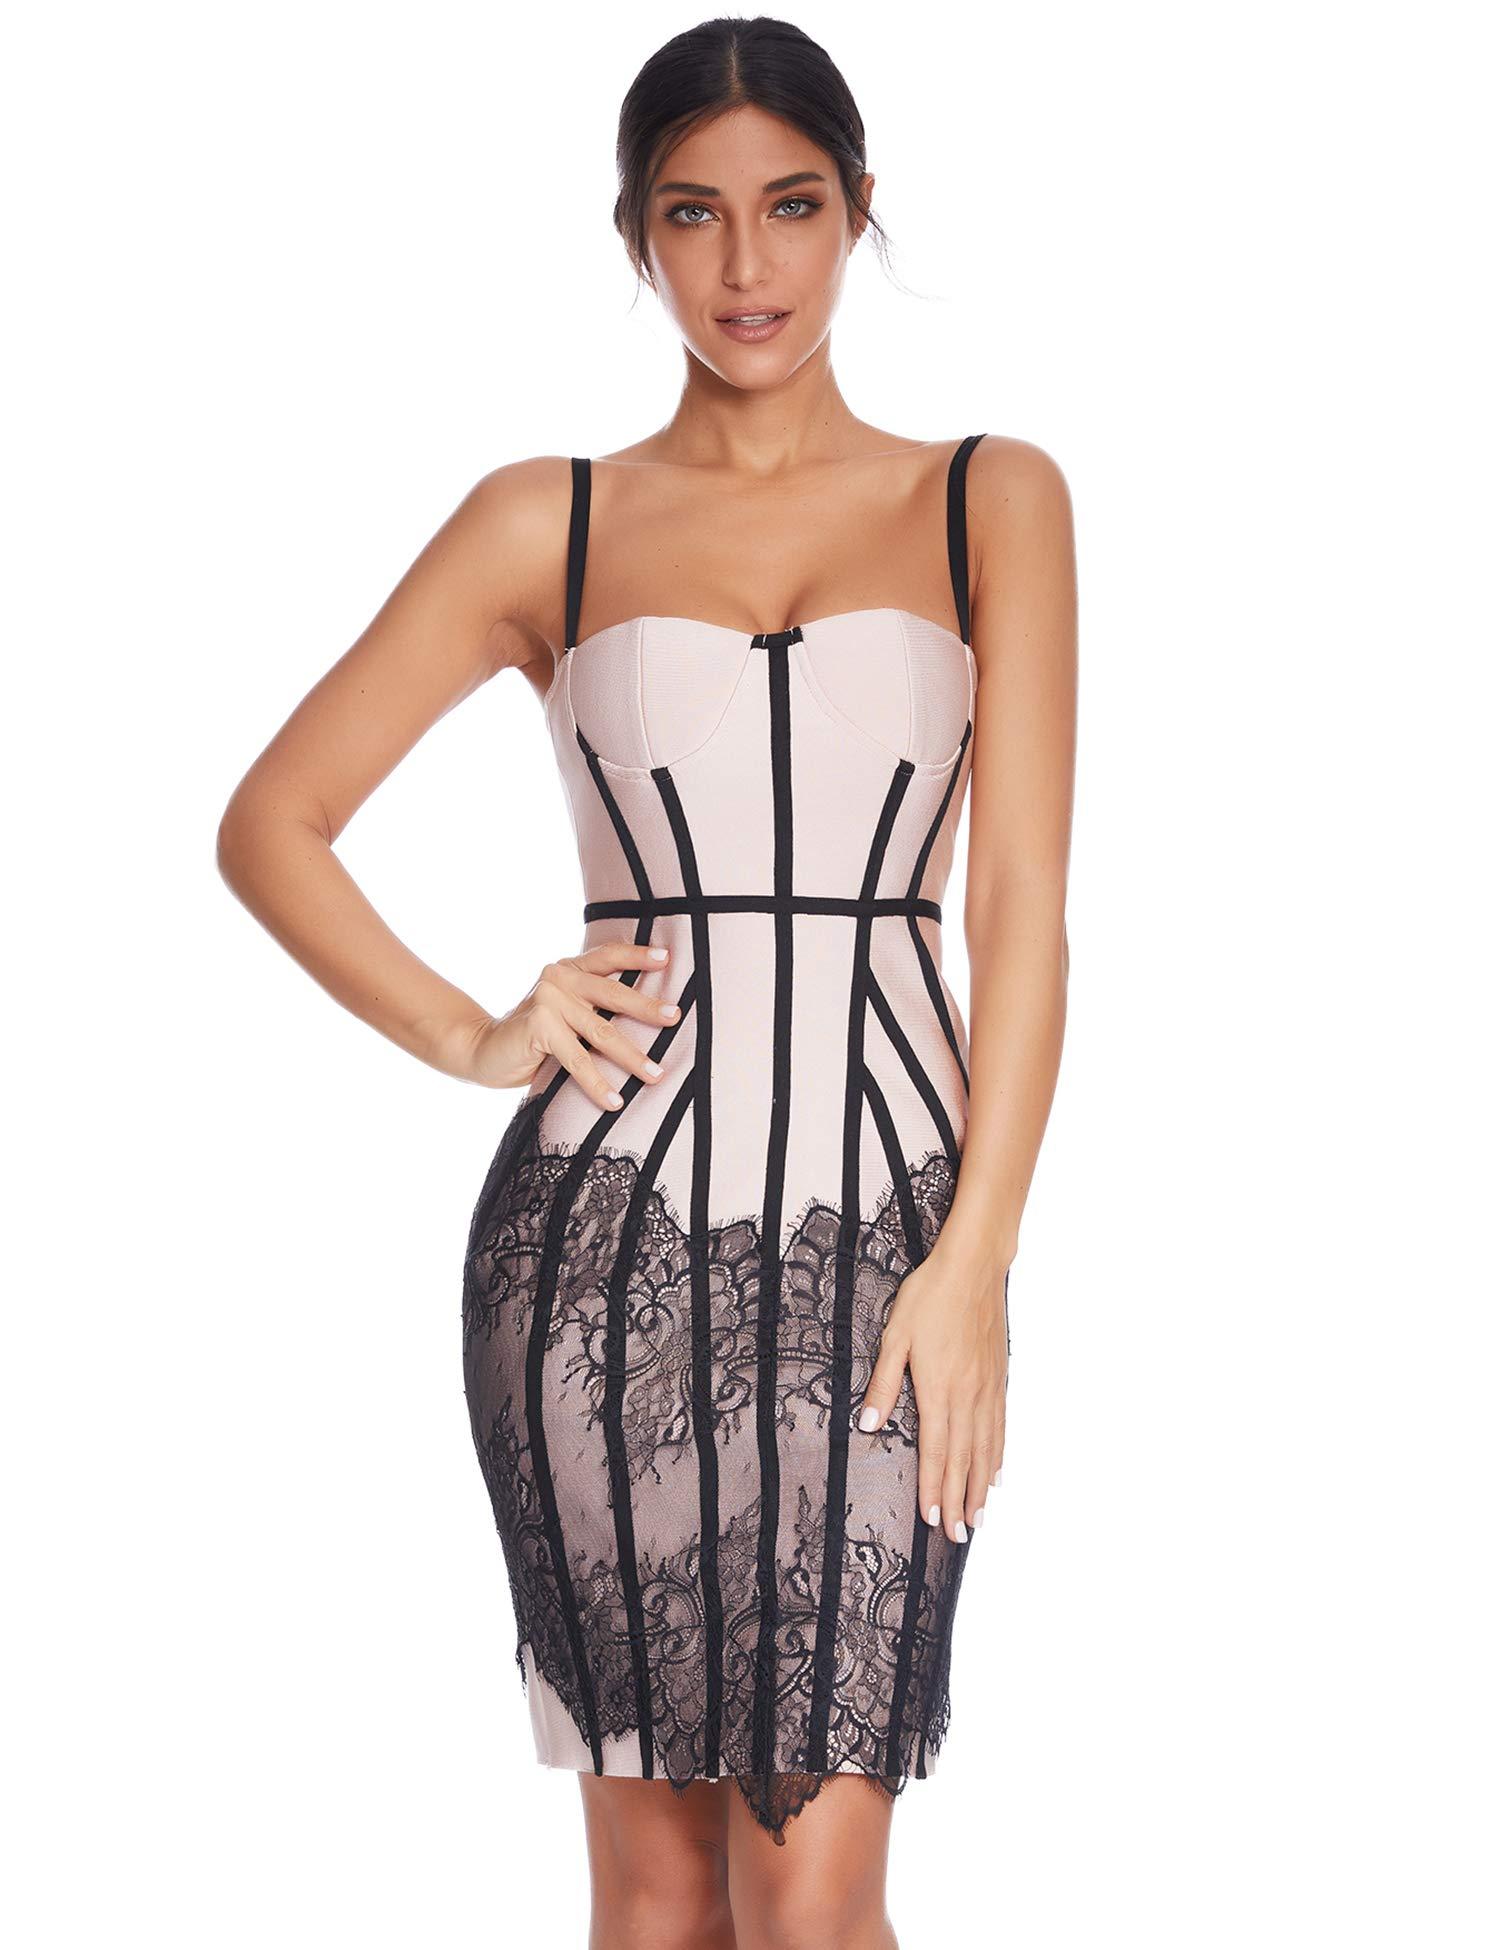 Meilun Womens Mesh Lace Bodycon Bandage Party Club Dresses (Beige, L)